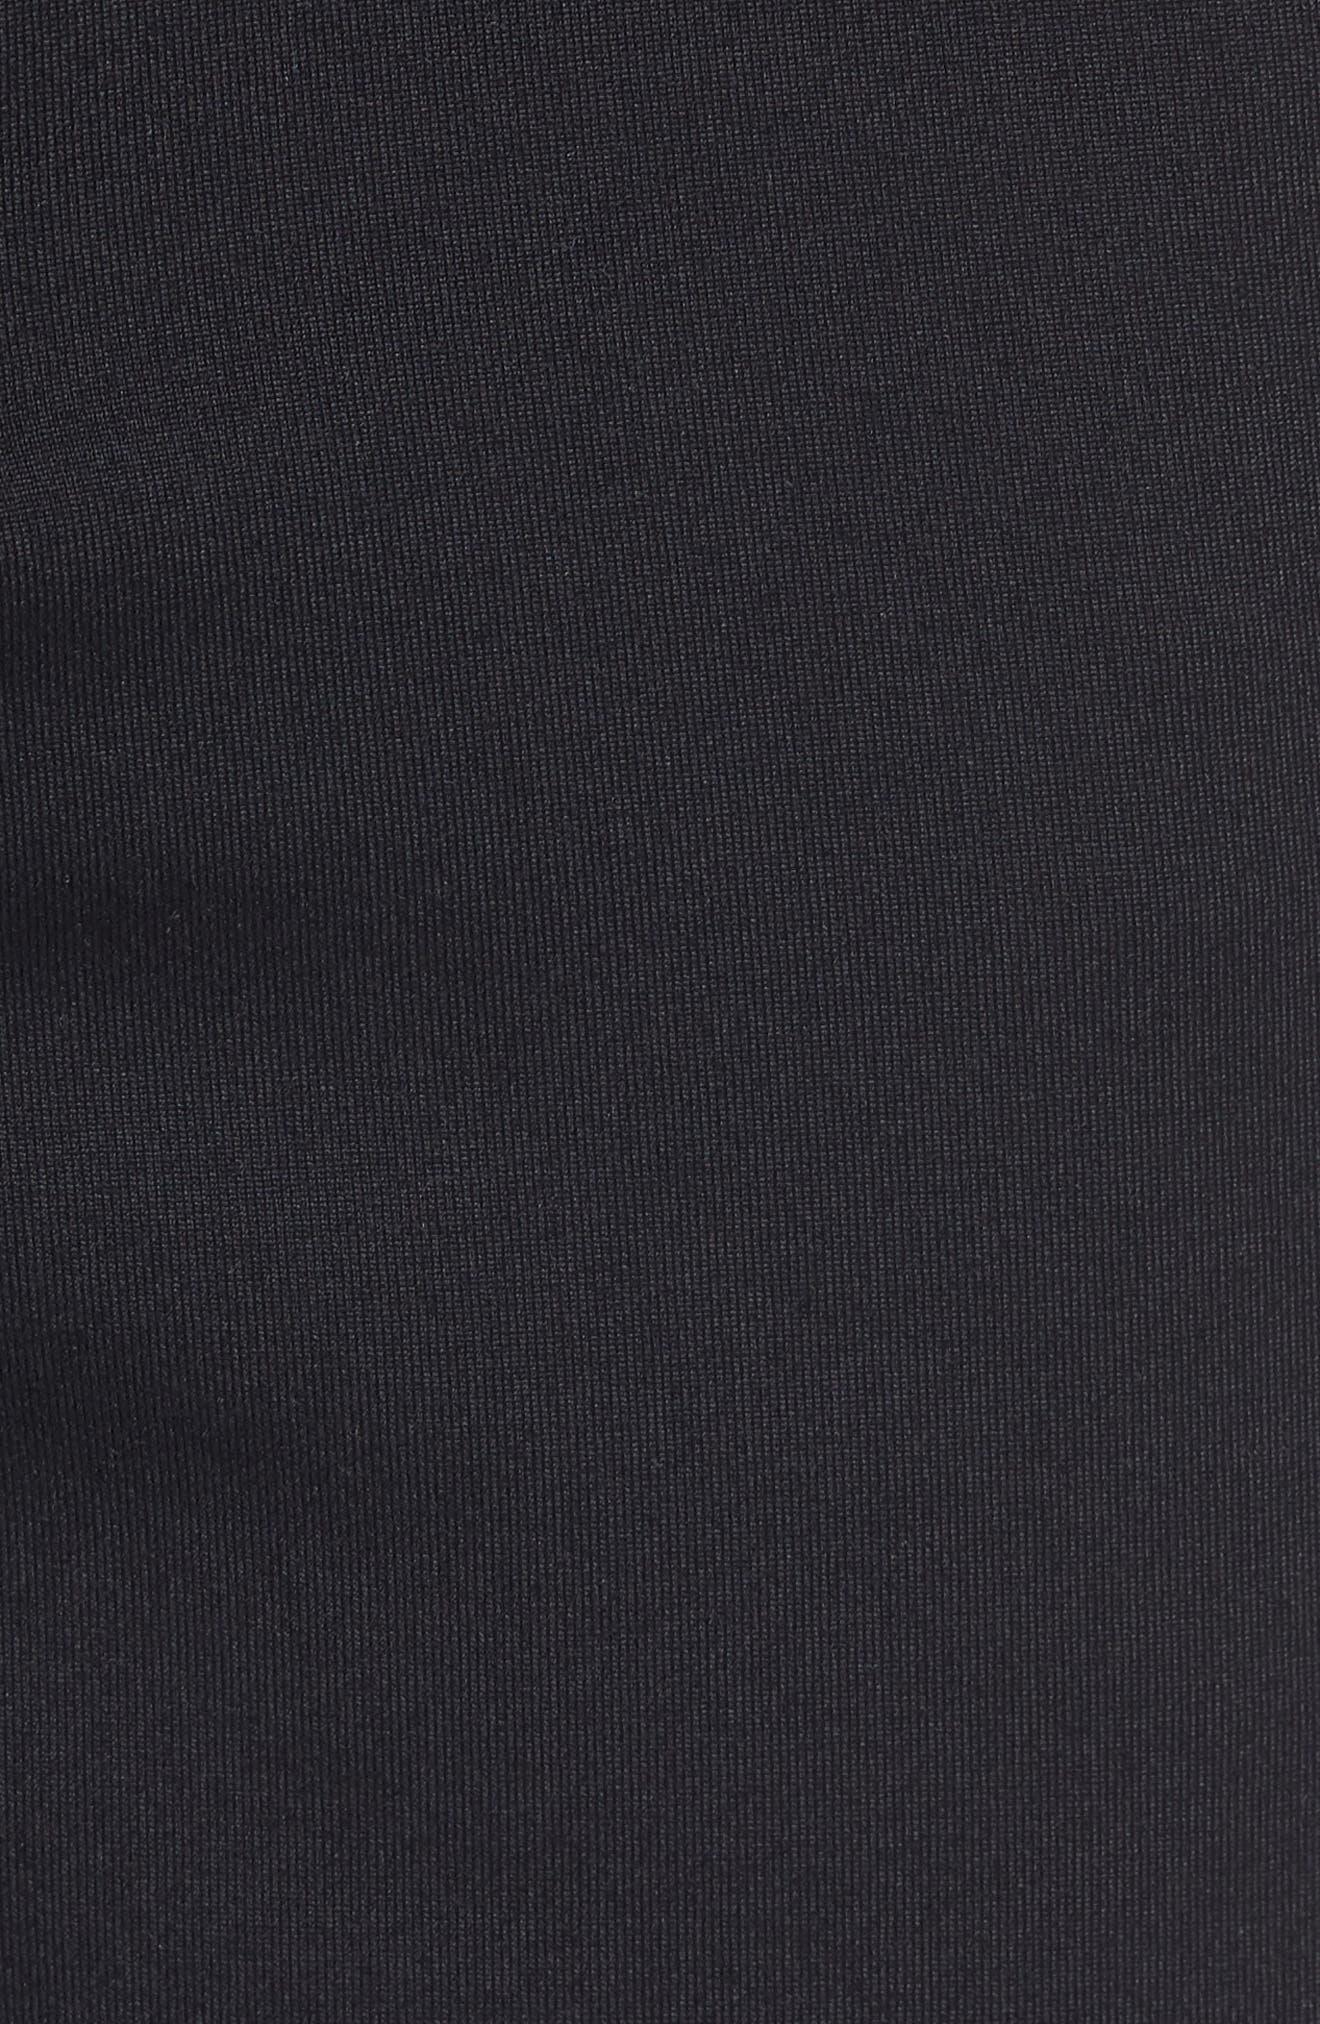 206 Shorts,                             Alternate thumbnail 5, color,                             BLACK